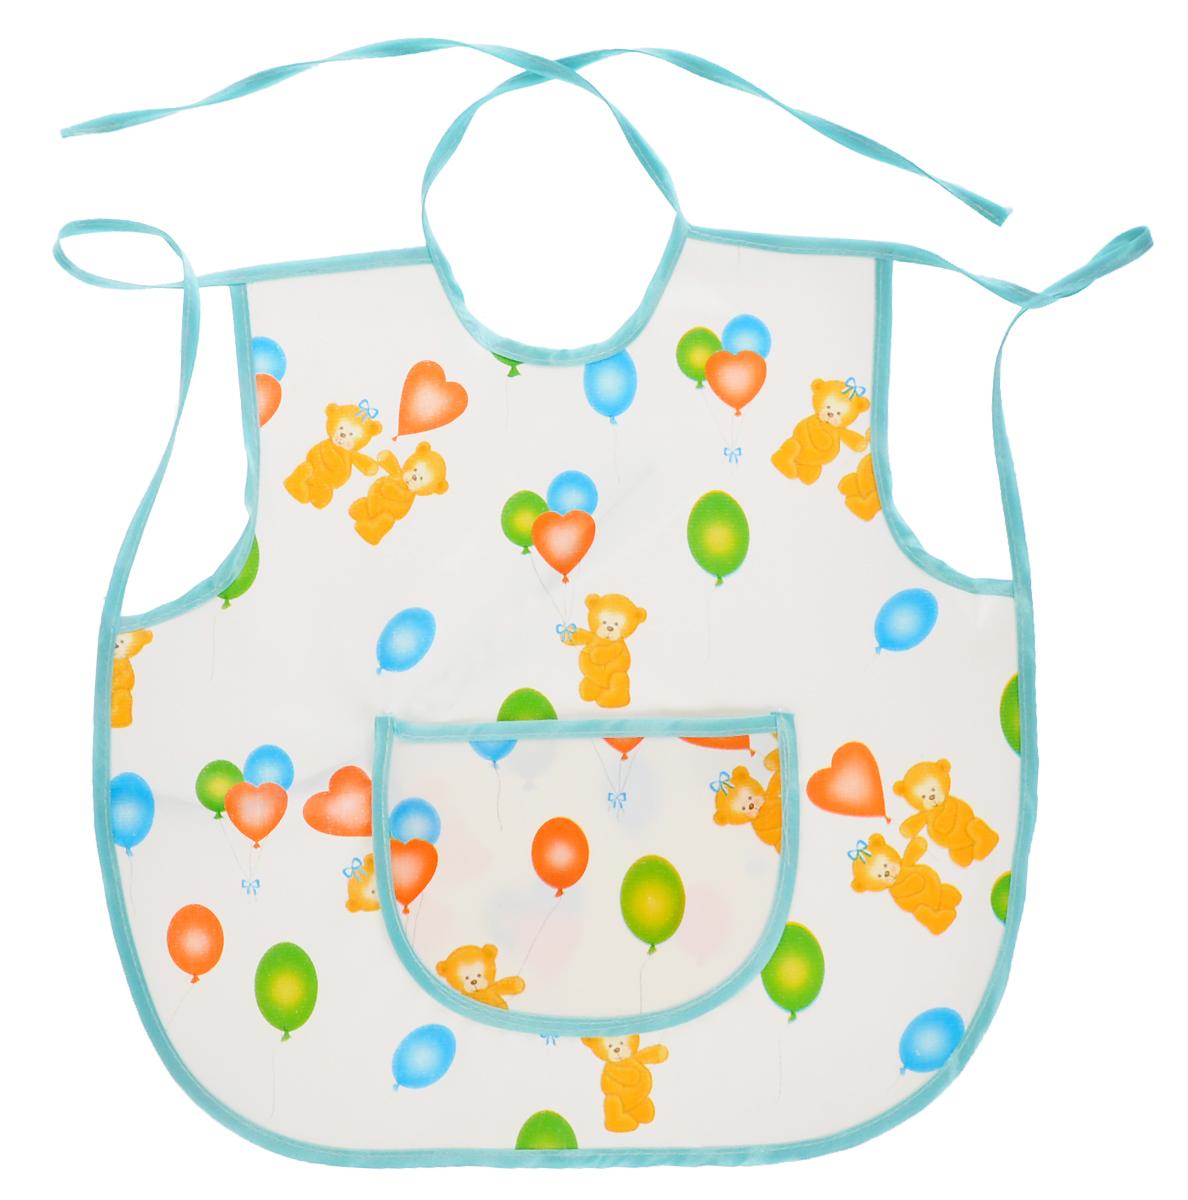 Колорит Фартук защитный Мишки с шариками цвет белый бирюзовый 36 х 36 см колорит клеенка подкладная с окантовкой цвет белый зеленый 50 х 70 см